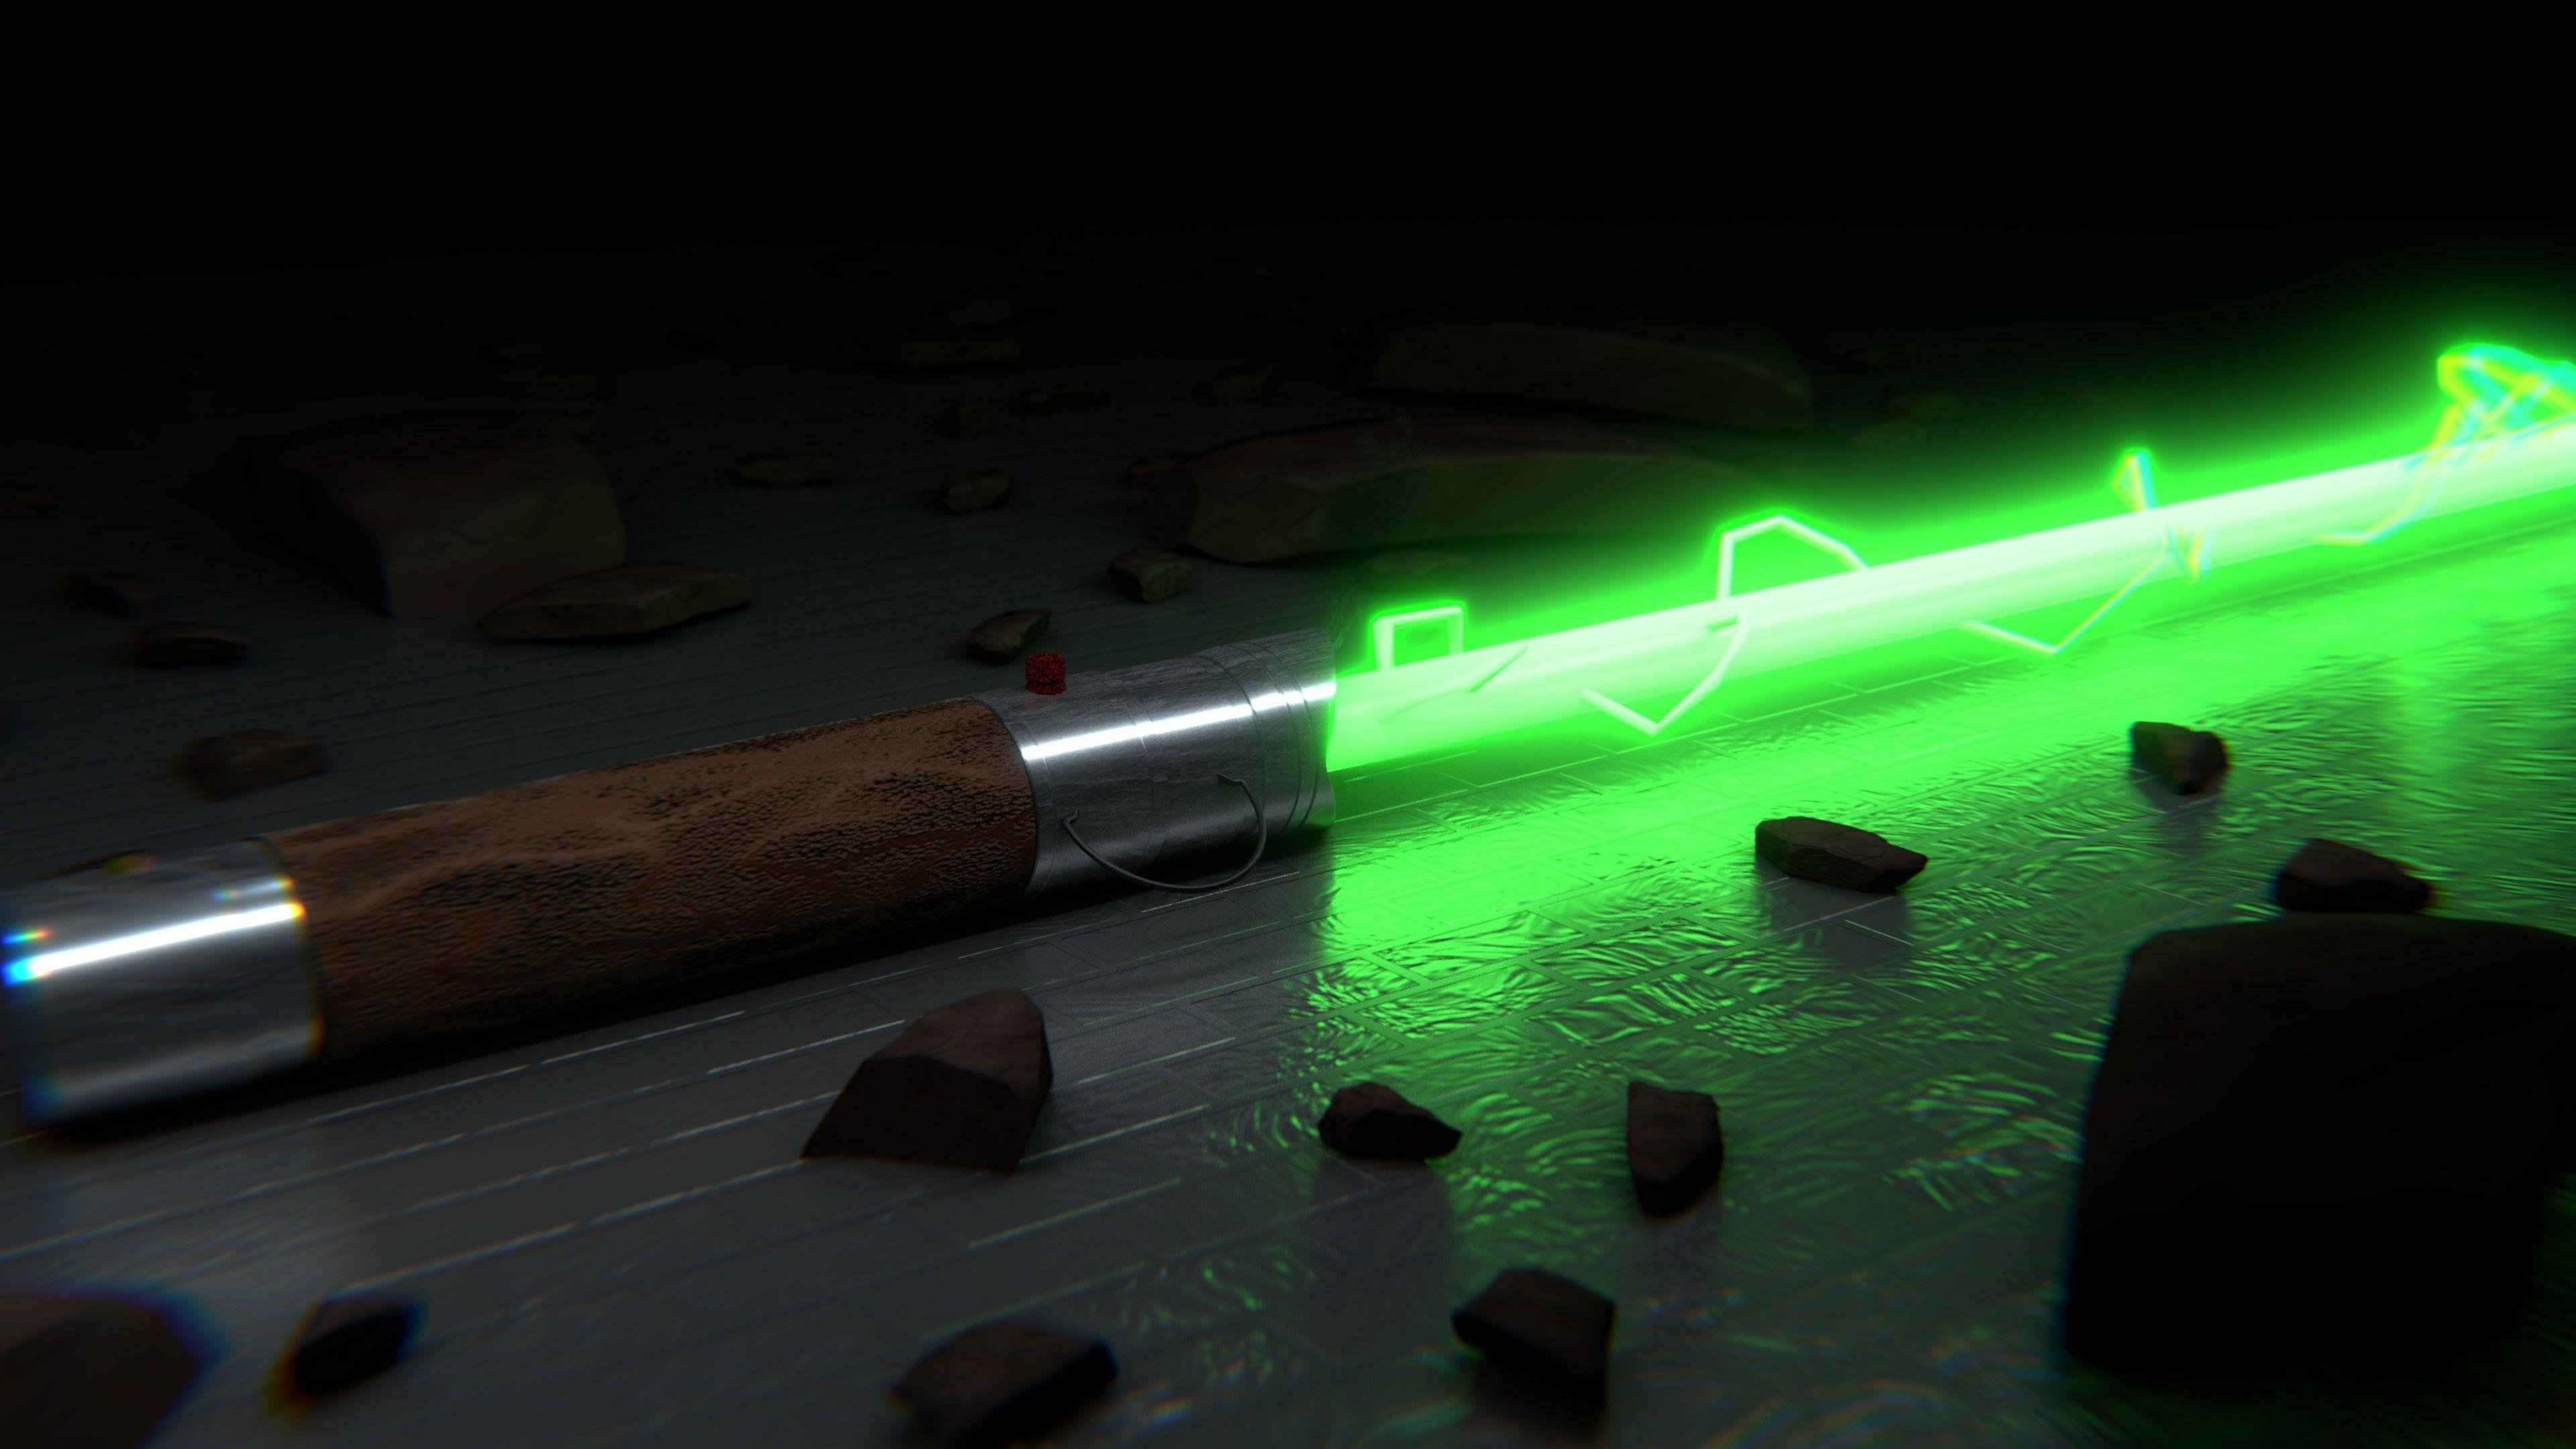 Star Wars Green Lightsaber 4k Uhd Wallpaper - Star Wars Green Lightsaber , HD Wallpaper & Backgrounds